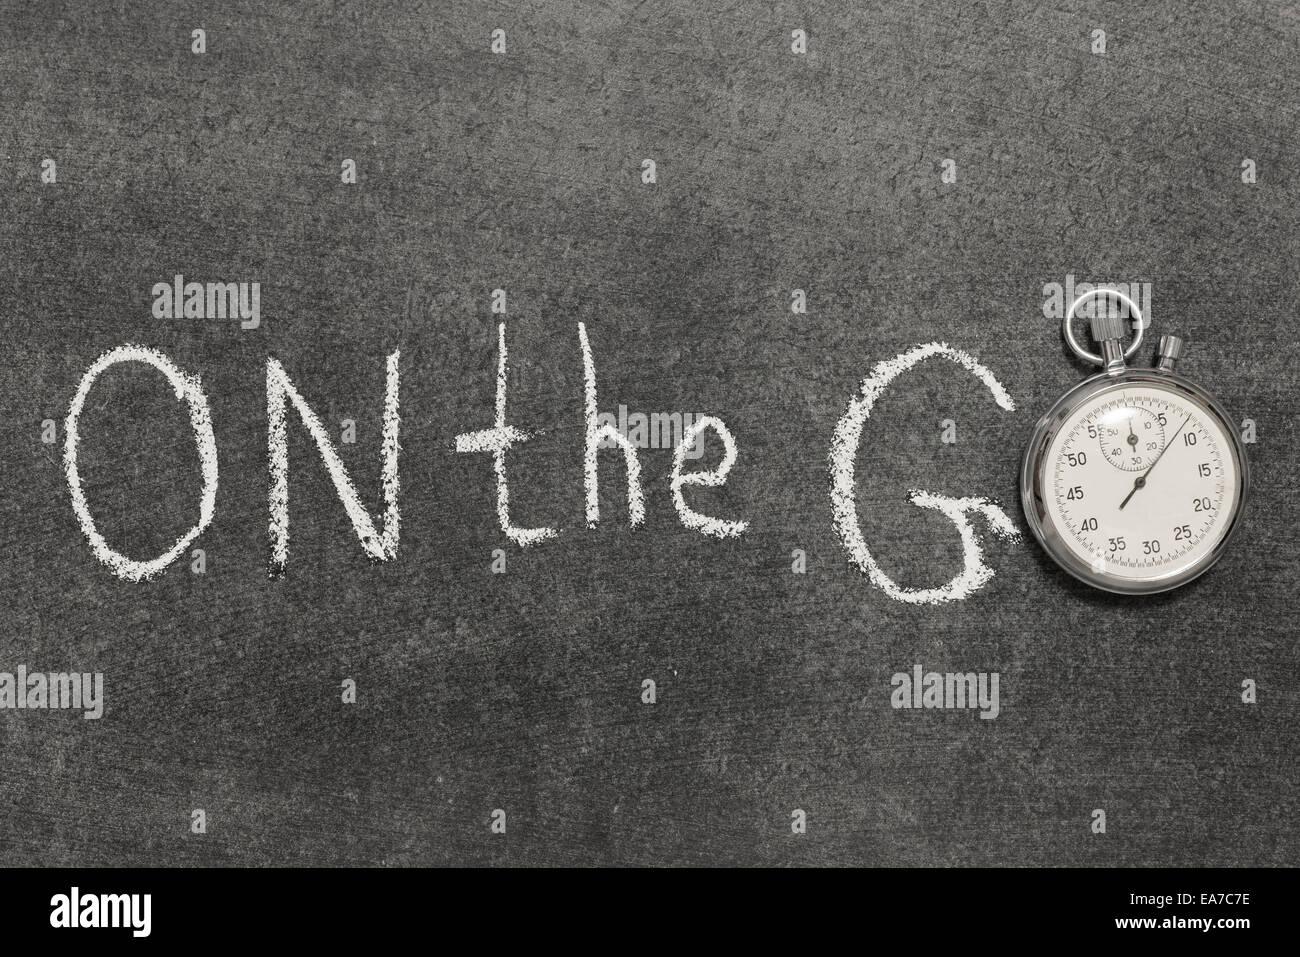 Sur le rendez-vous à la main sur une phrase avec tableau noir vintage chronomètre précis utilisé Photo Stock